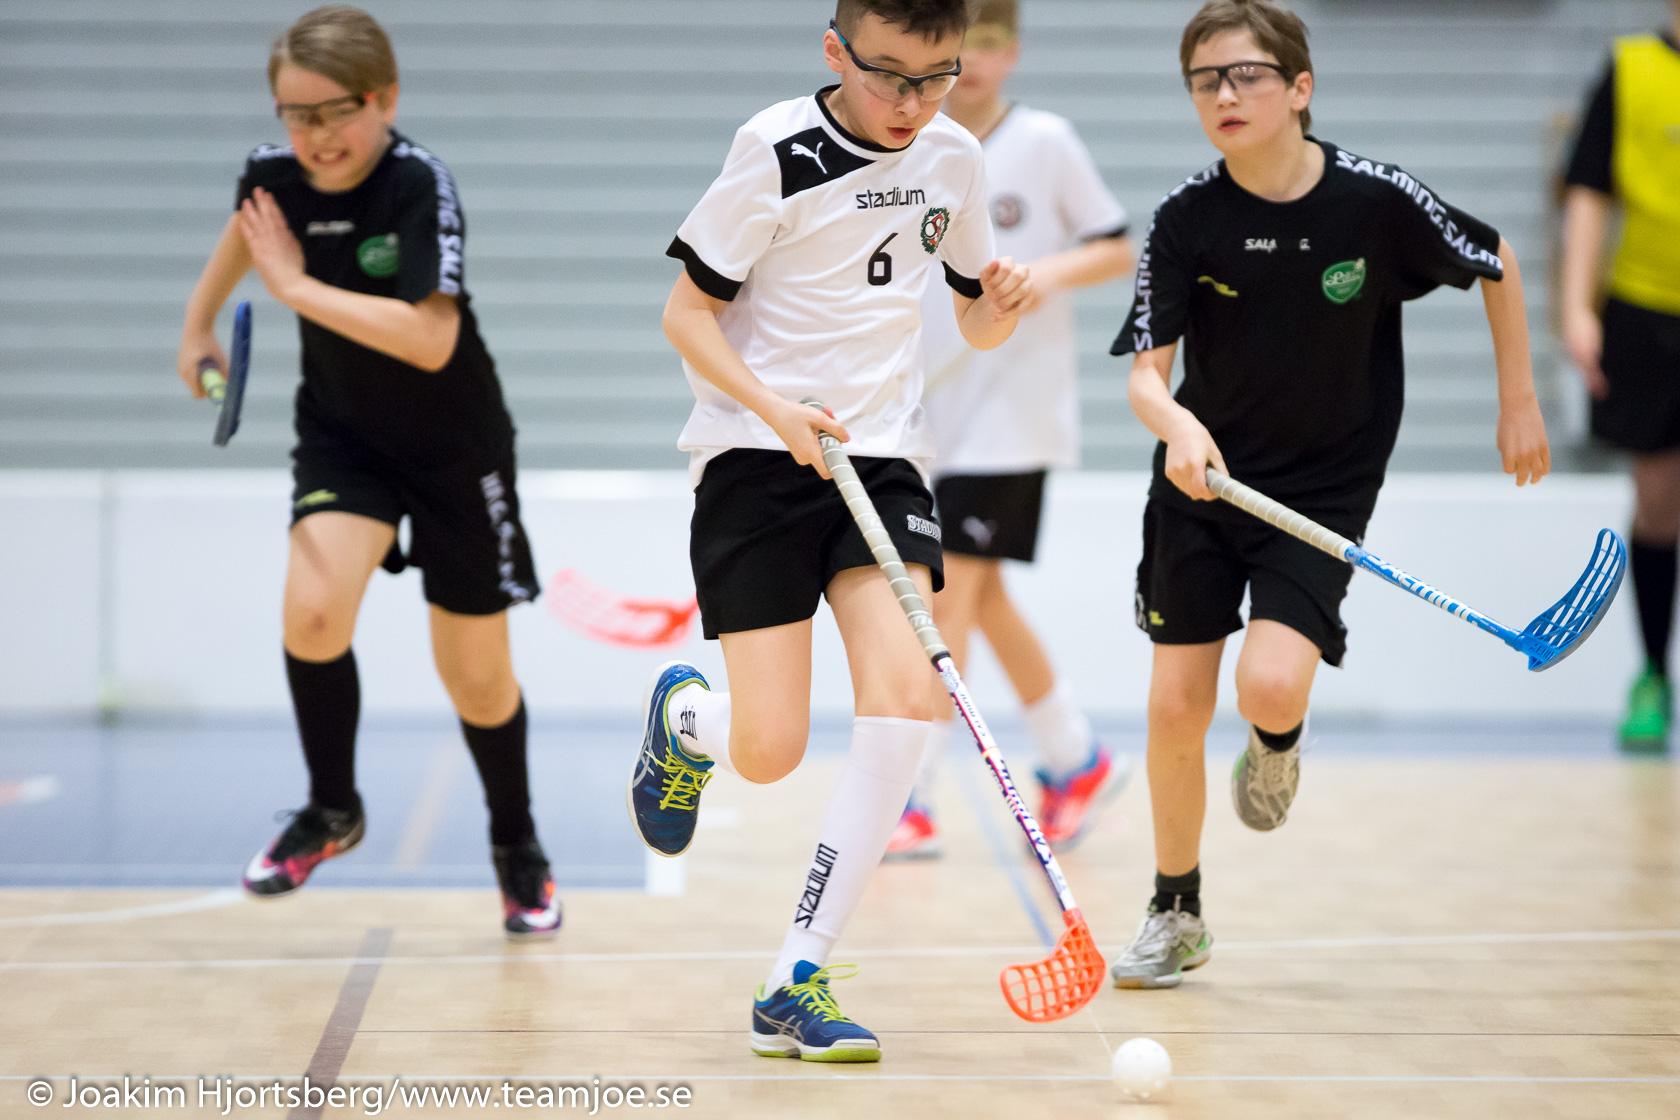 20160409_2010 Örebrocupen